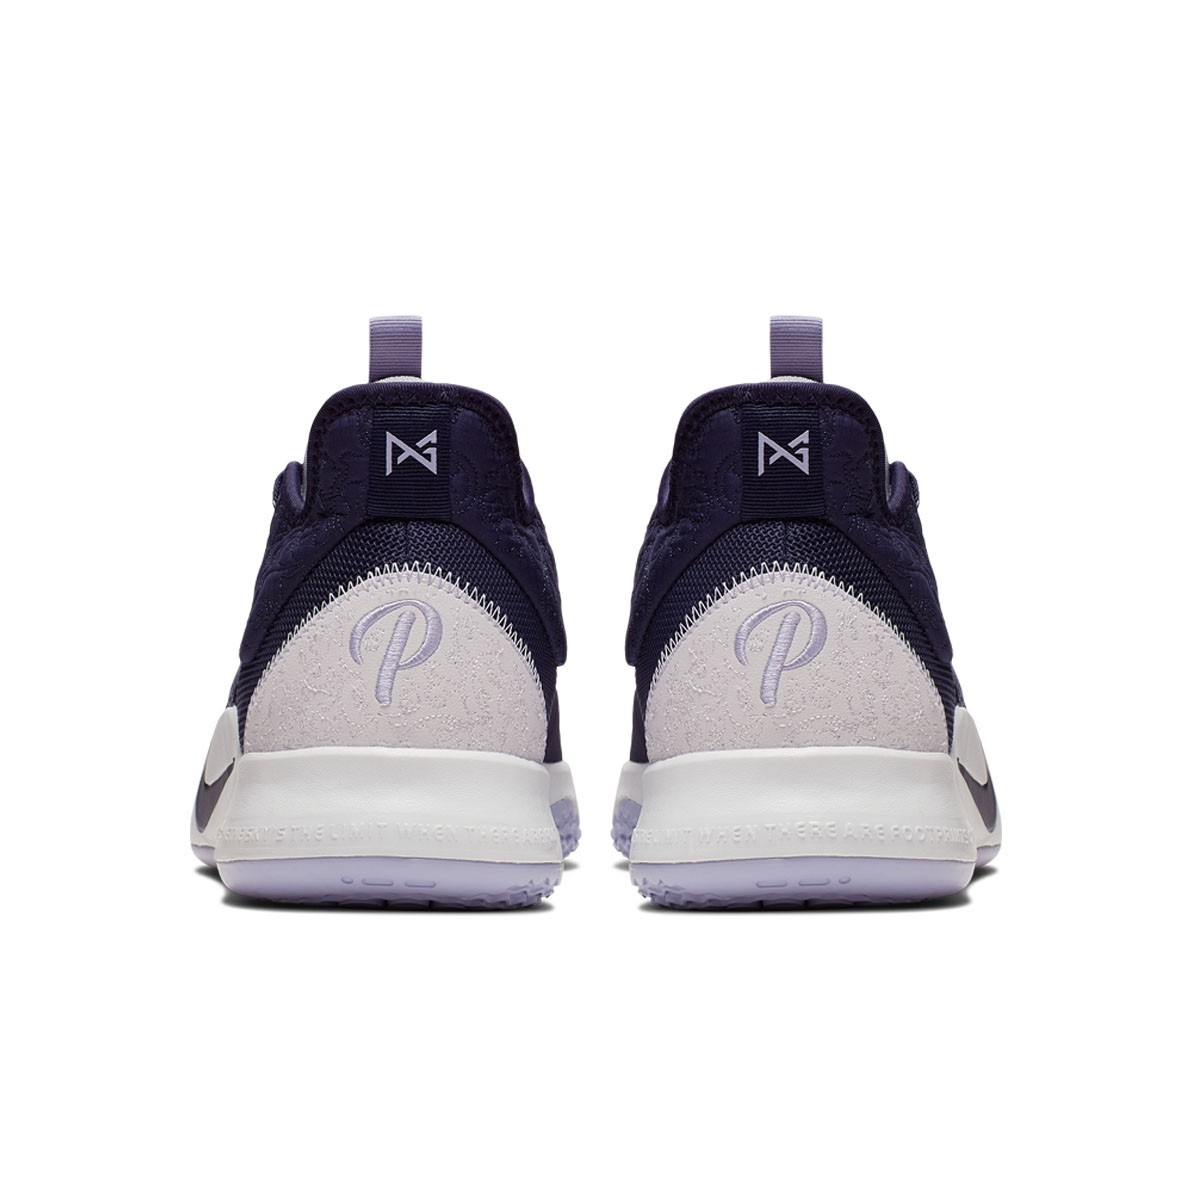 Nike PG 3 'Paulette' AO2607-901